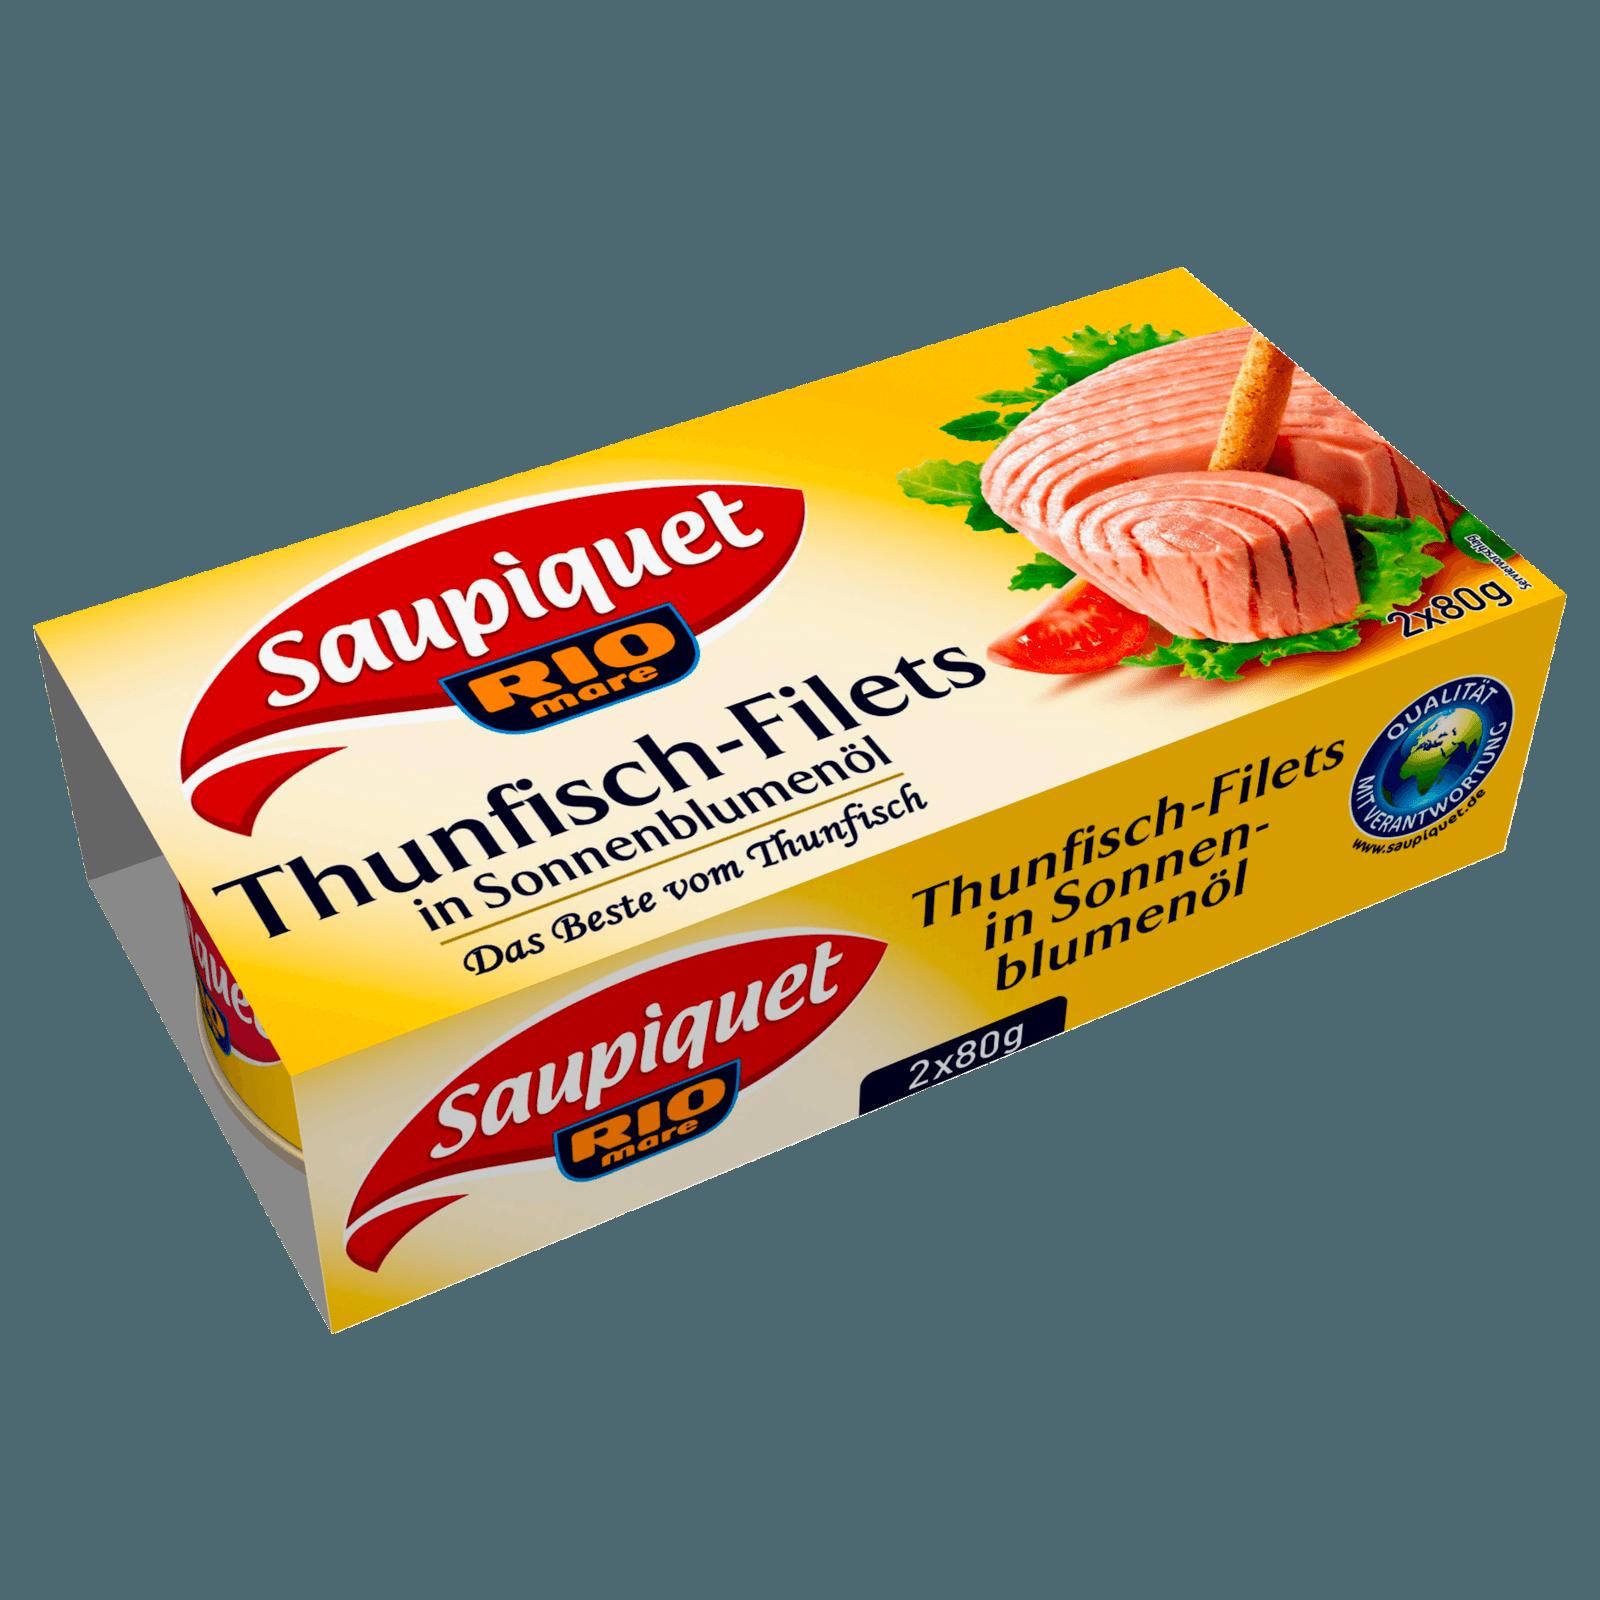 Saupiquet Thunfisch-Filet in Öl 2x52g